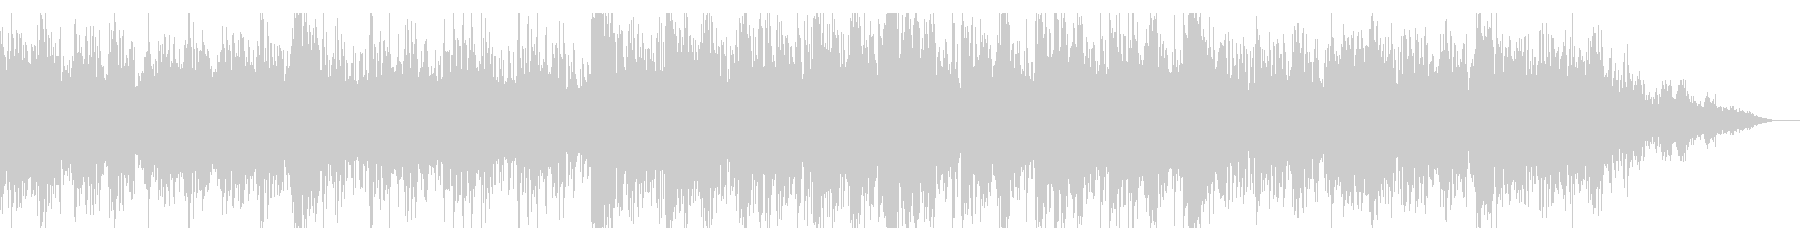 シネマティックなデジタルノイズのビートの未再生の波形